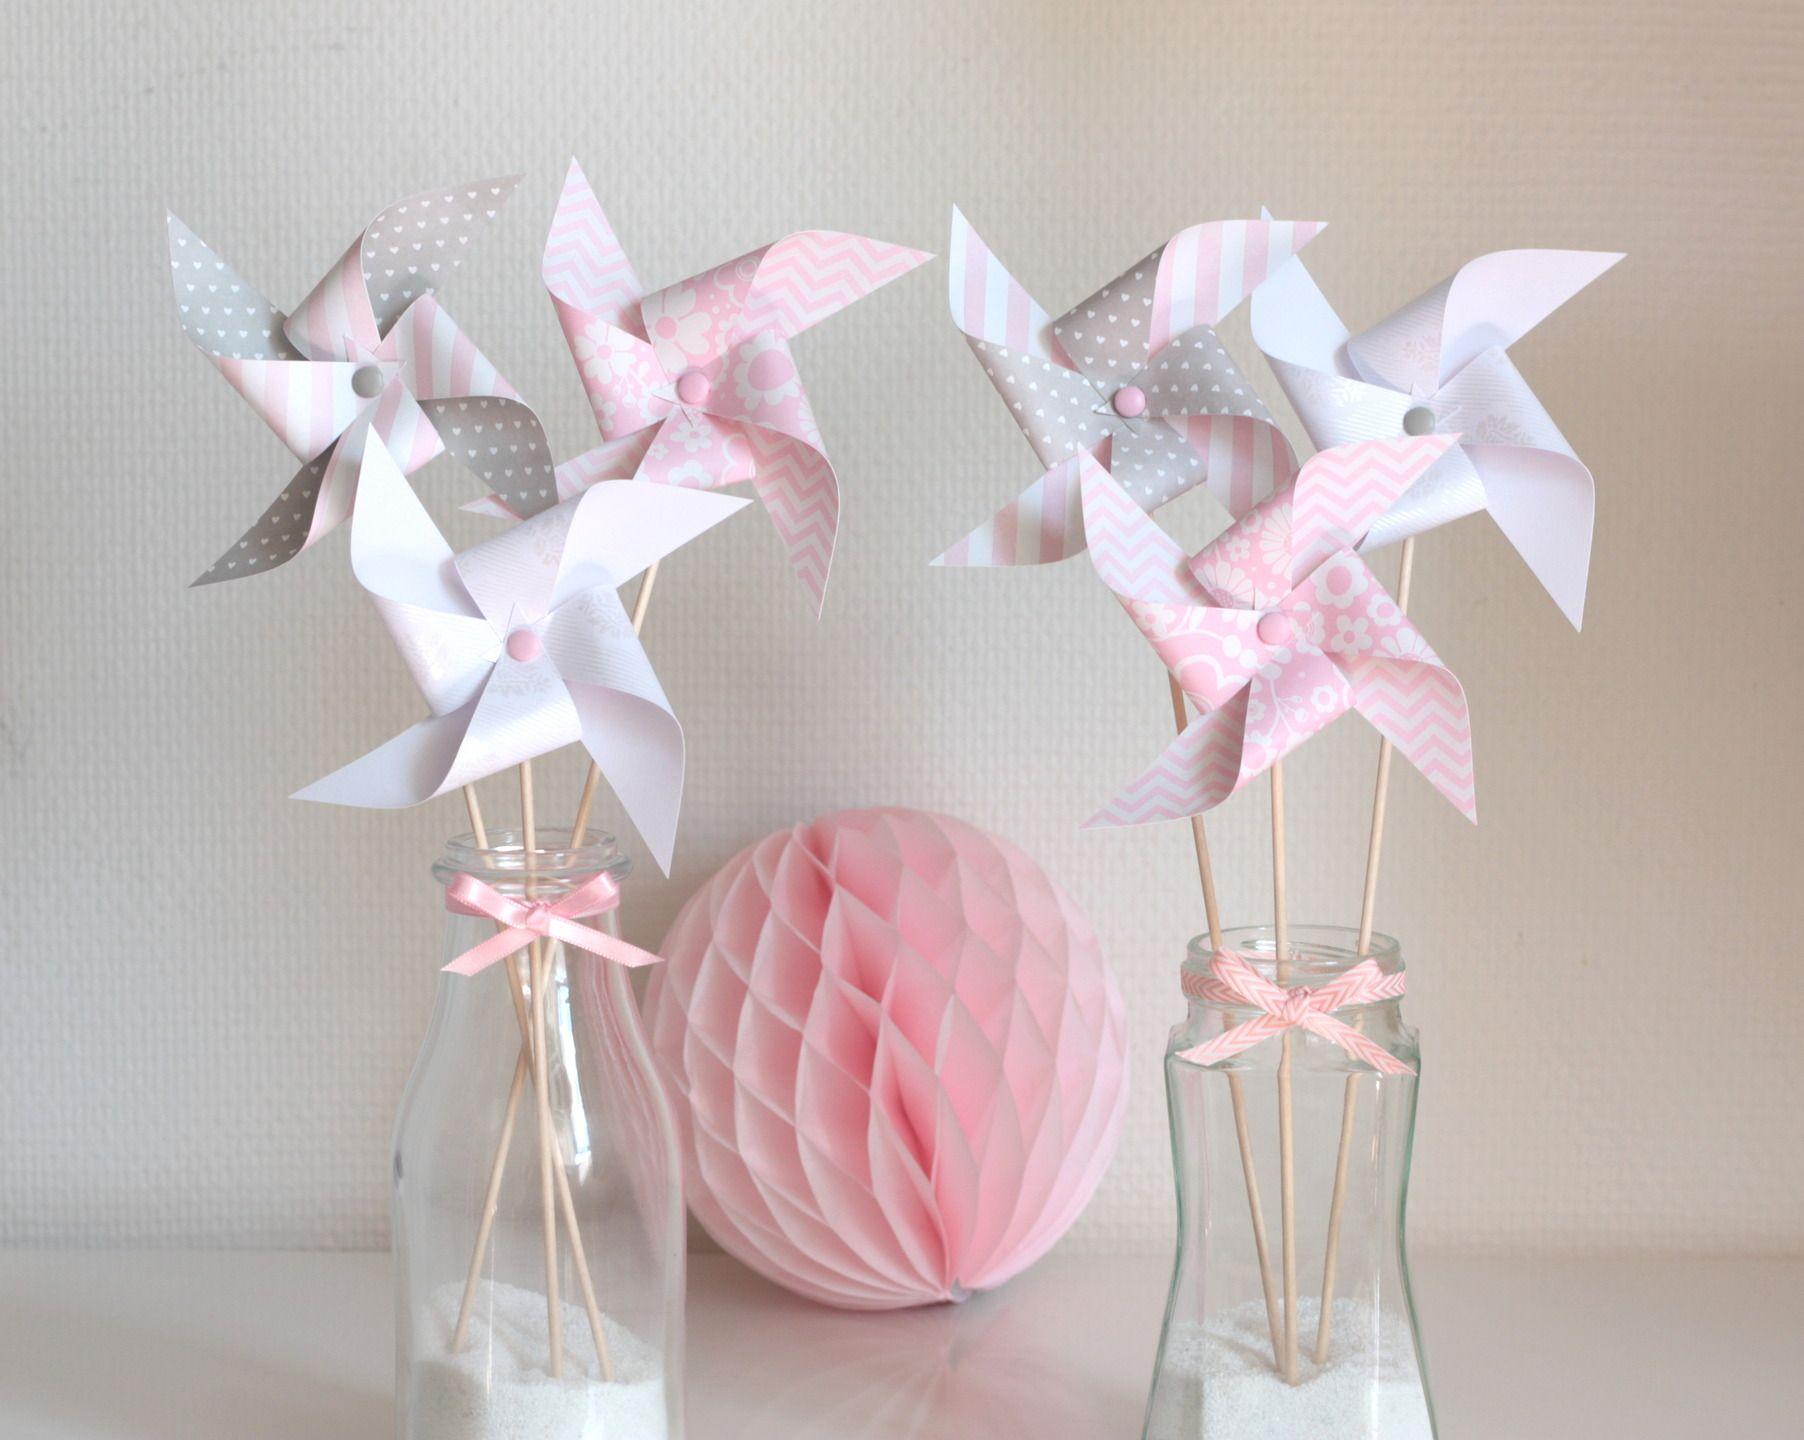 6 moulins vent gris rose et blanc accessoires de. Black Bedroom Furniture Sets. Home Design Ideas